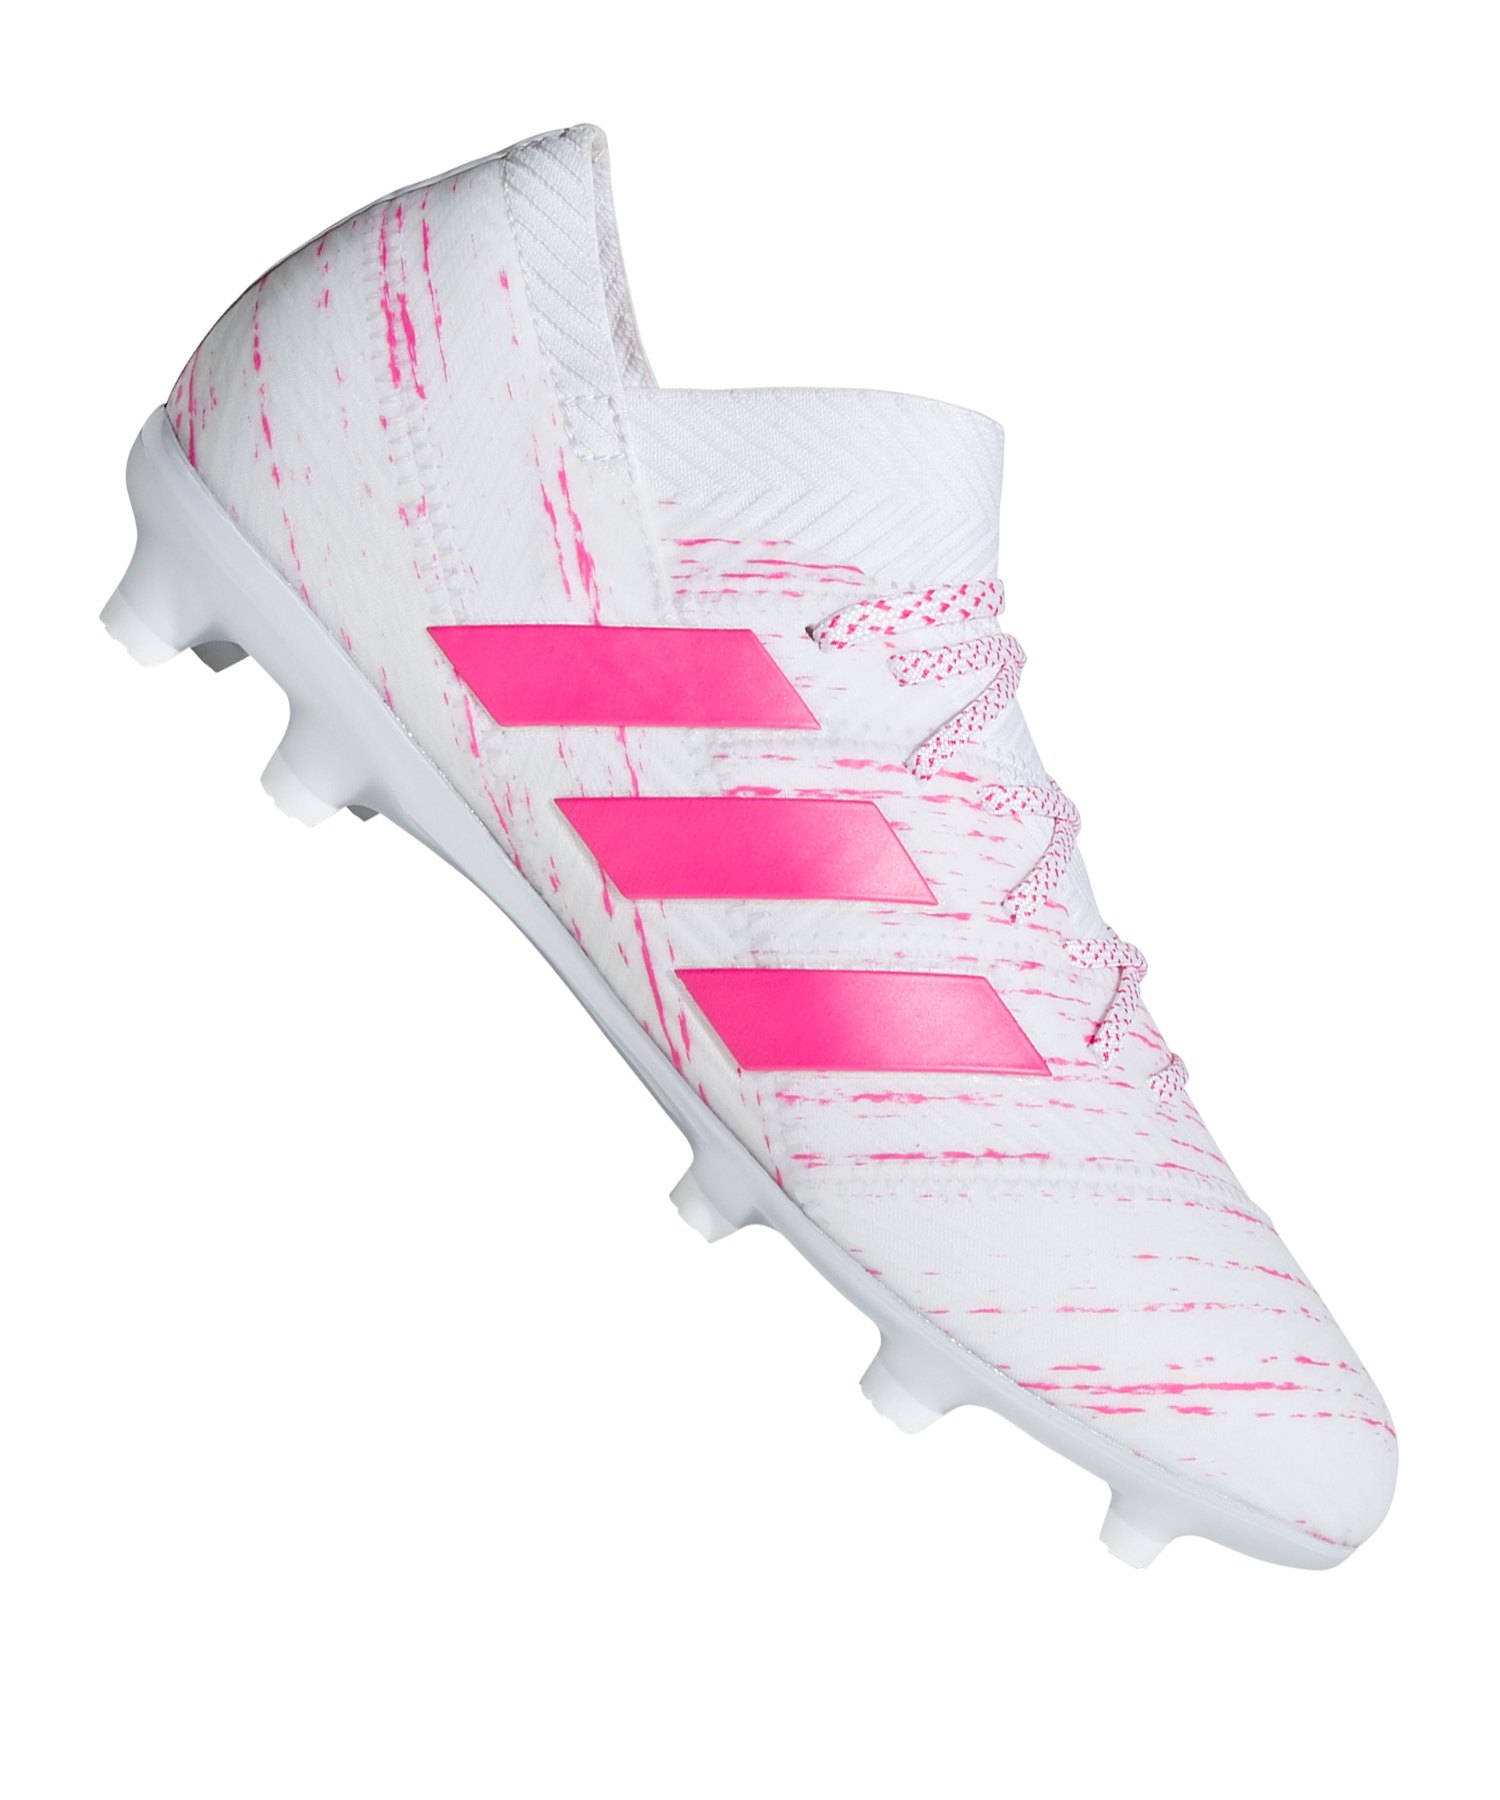 adidas NEMEZIZ 18.1 FG J Kids Weiss Pink - weiss